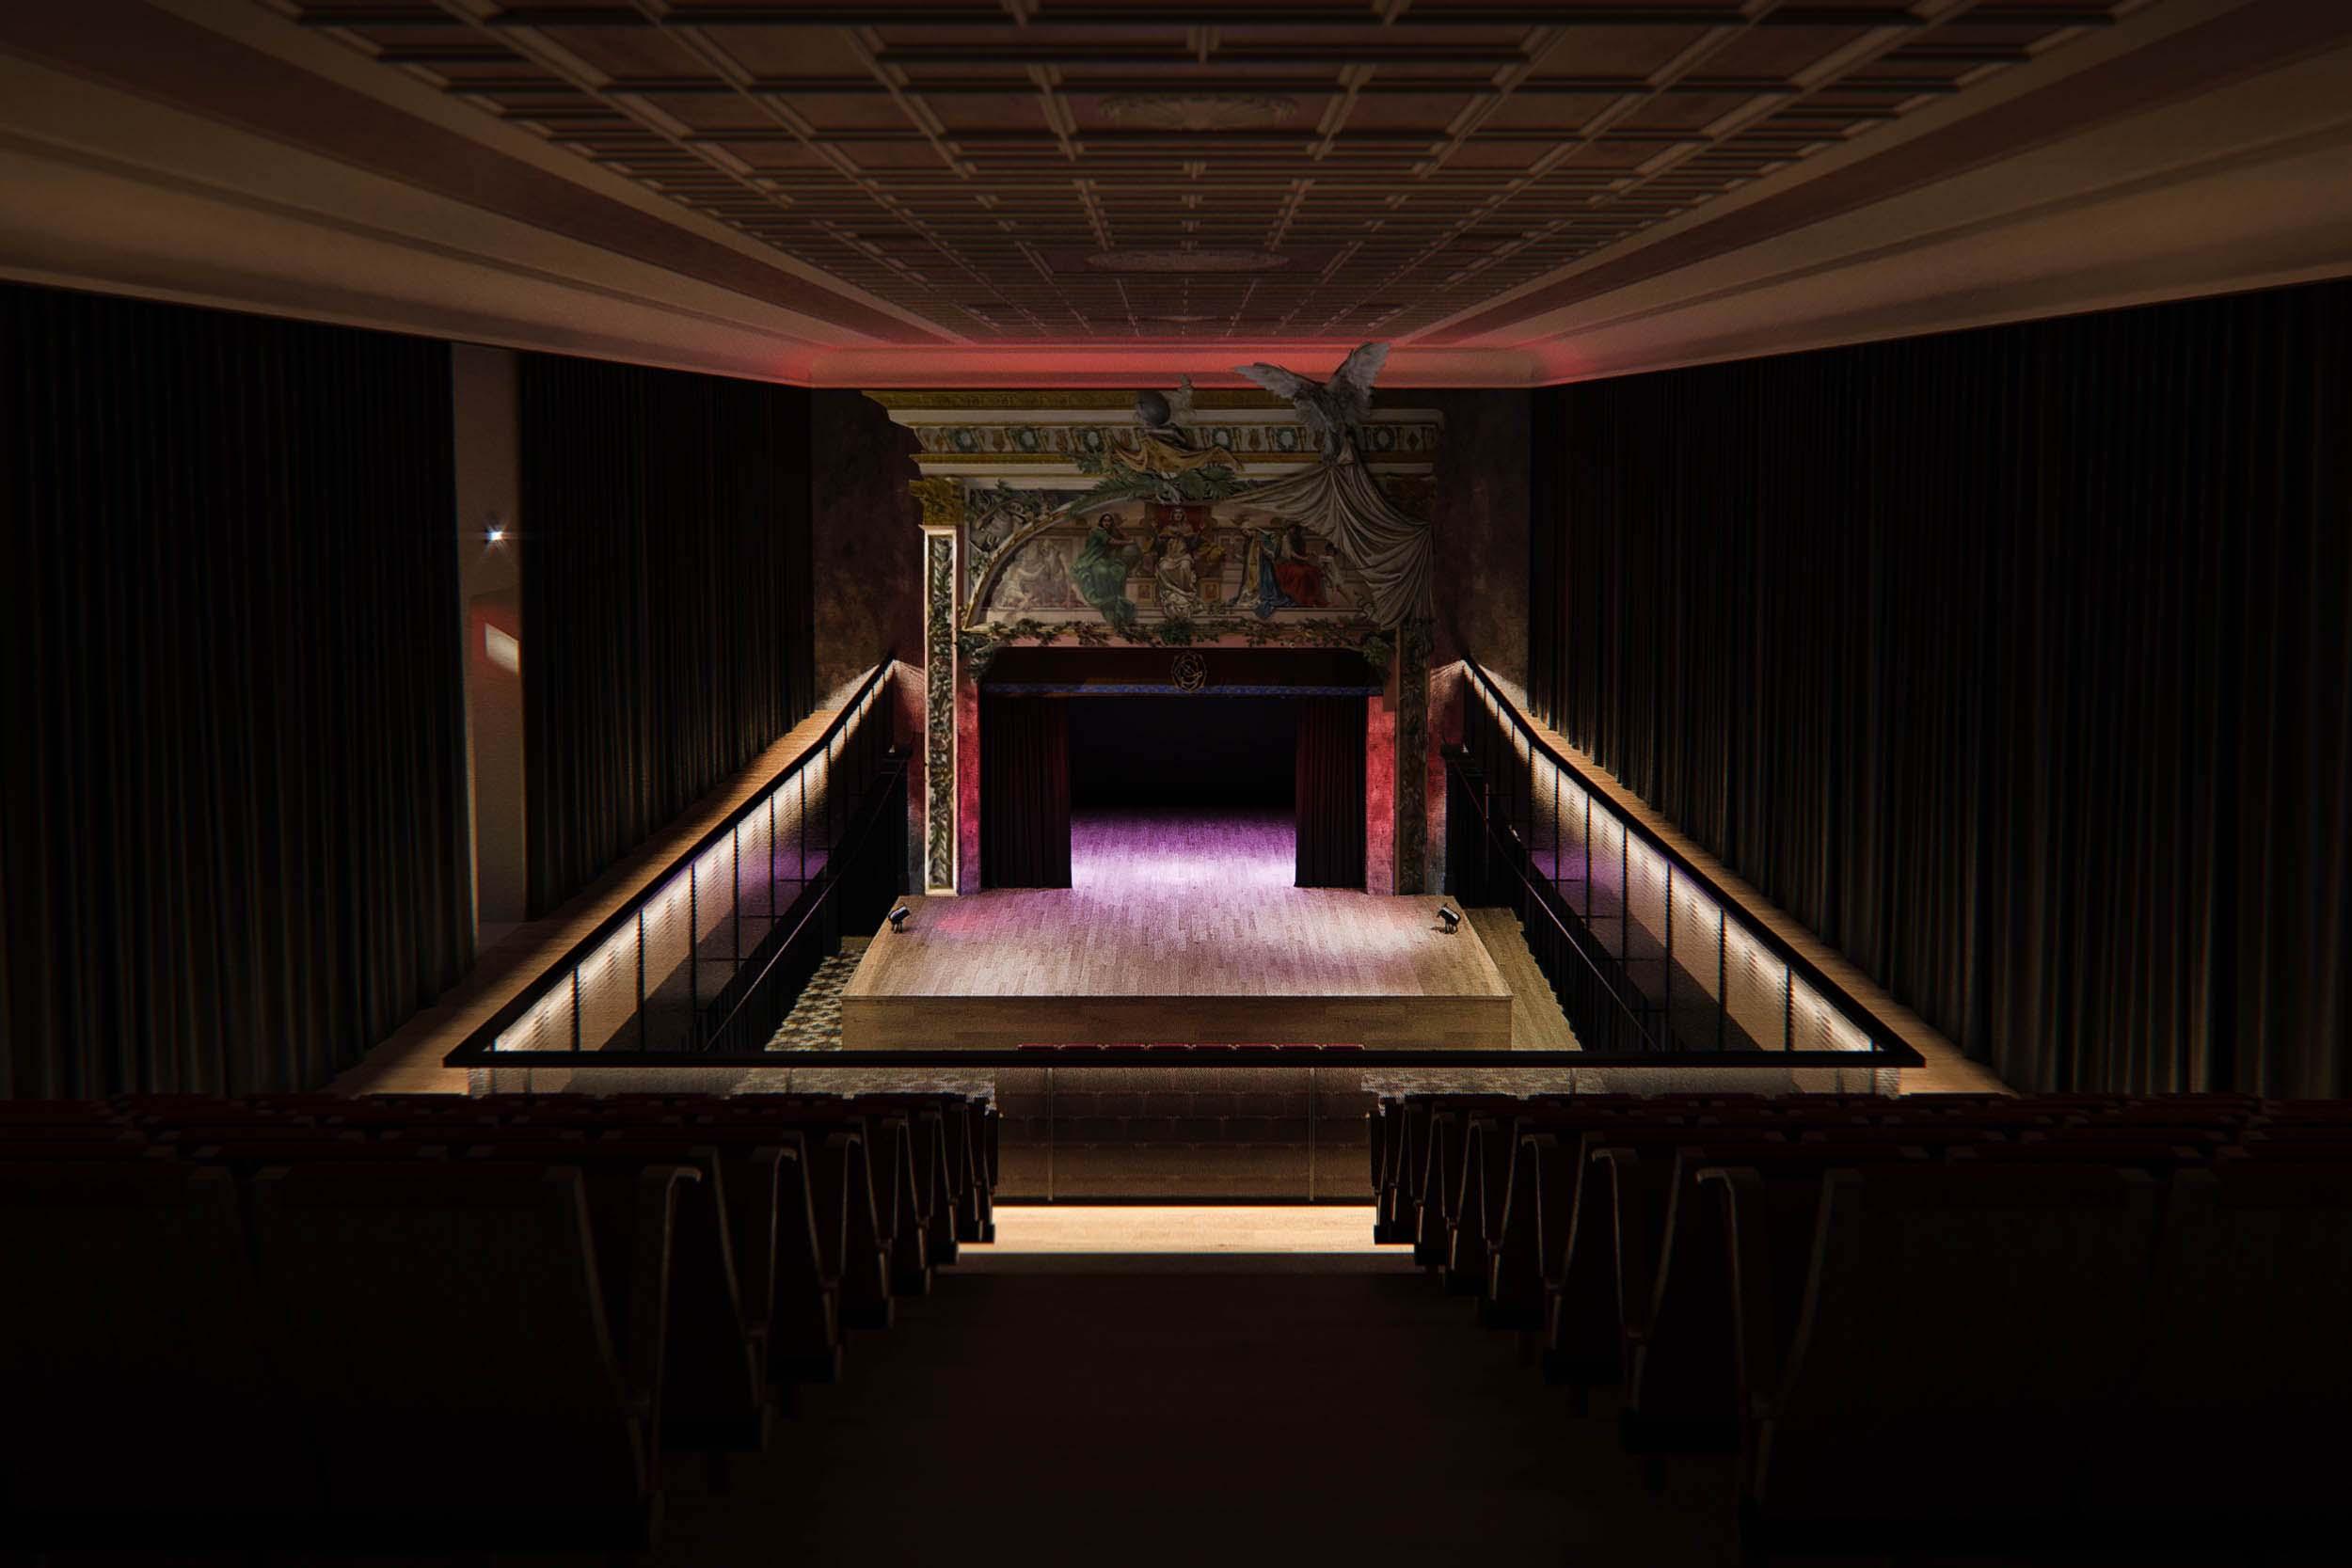 https://dprostudio.com/wp-content/uploads/2020/11/Teatru-Salesjan-_-hall-top-floor.jpg